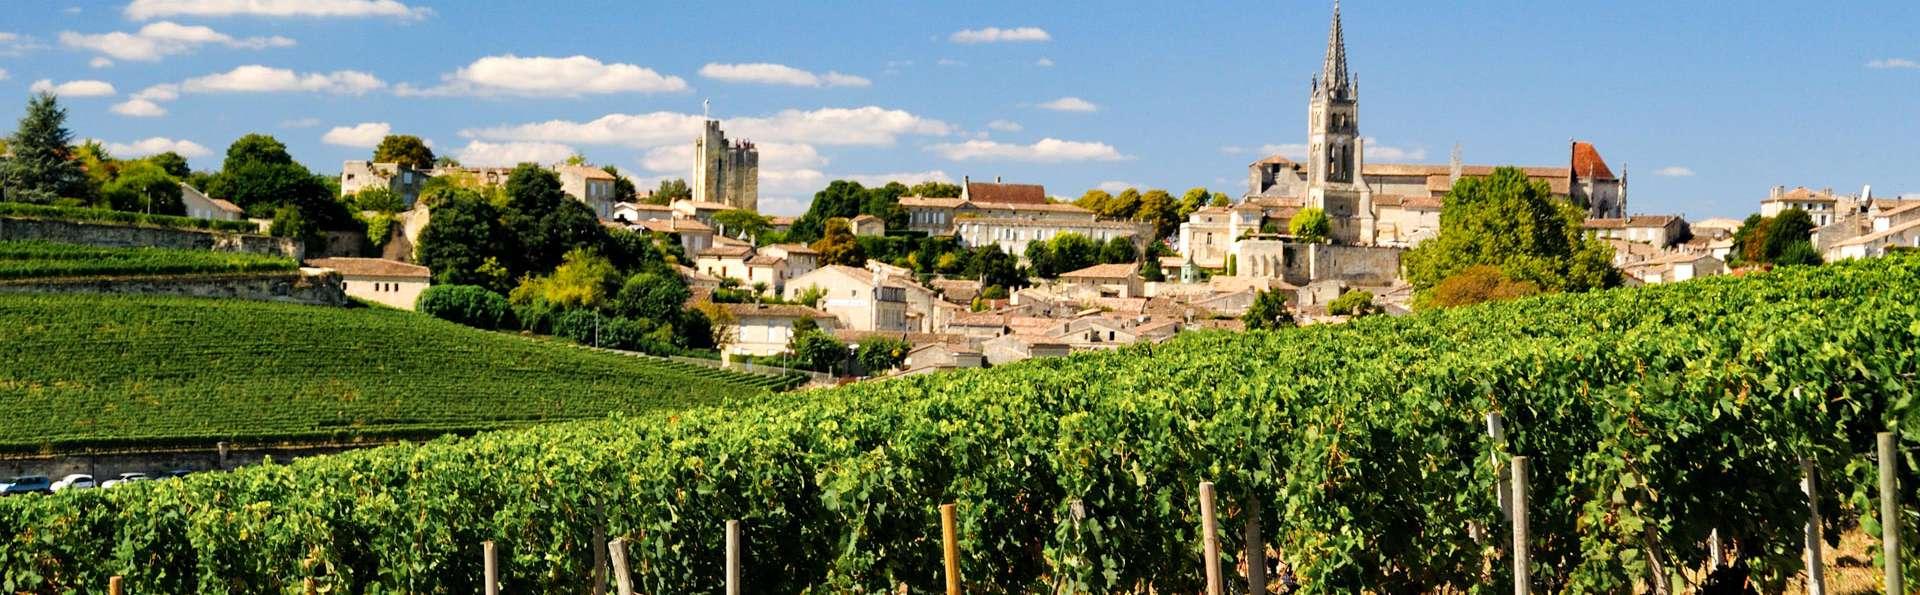 A la découverte des vins et de la cité médiévale de Saint-Emilion